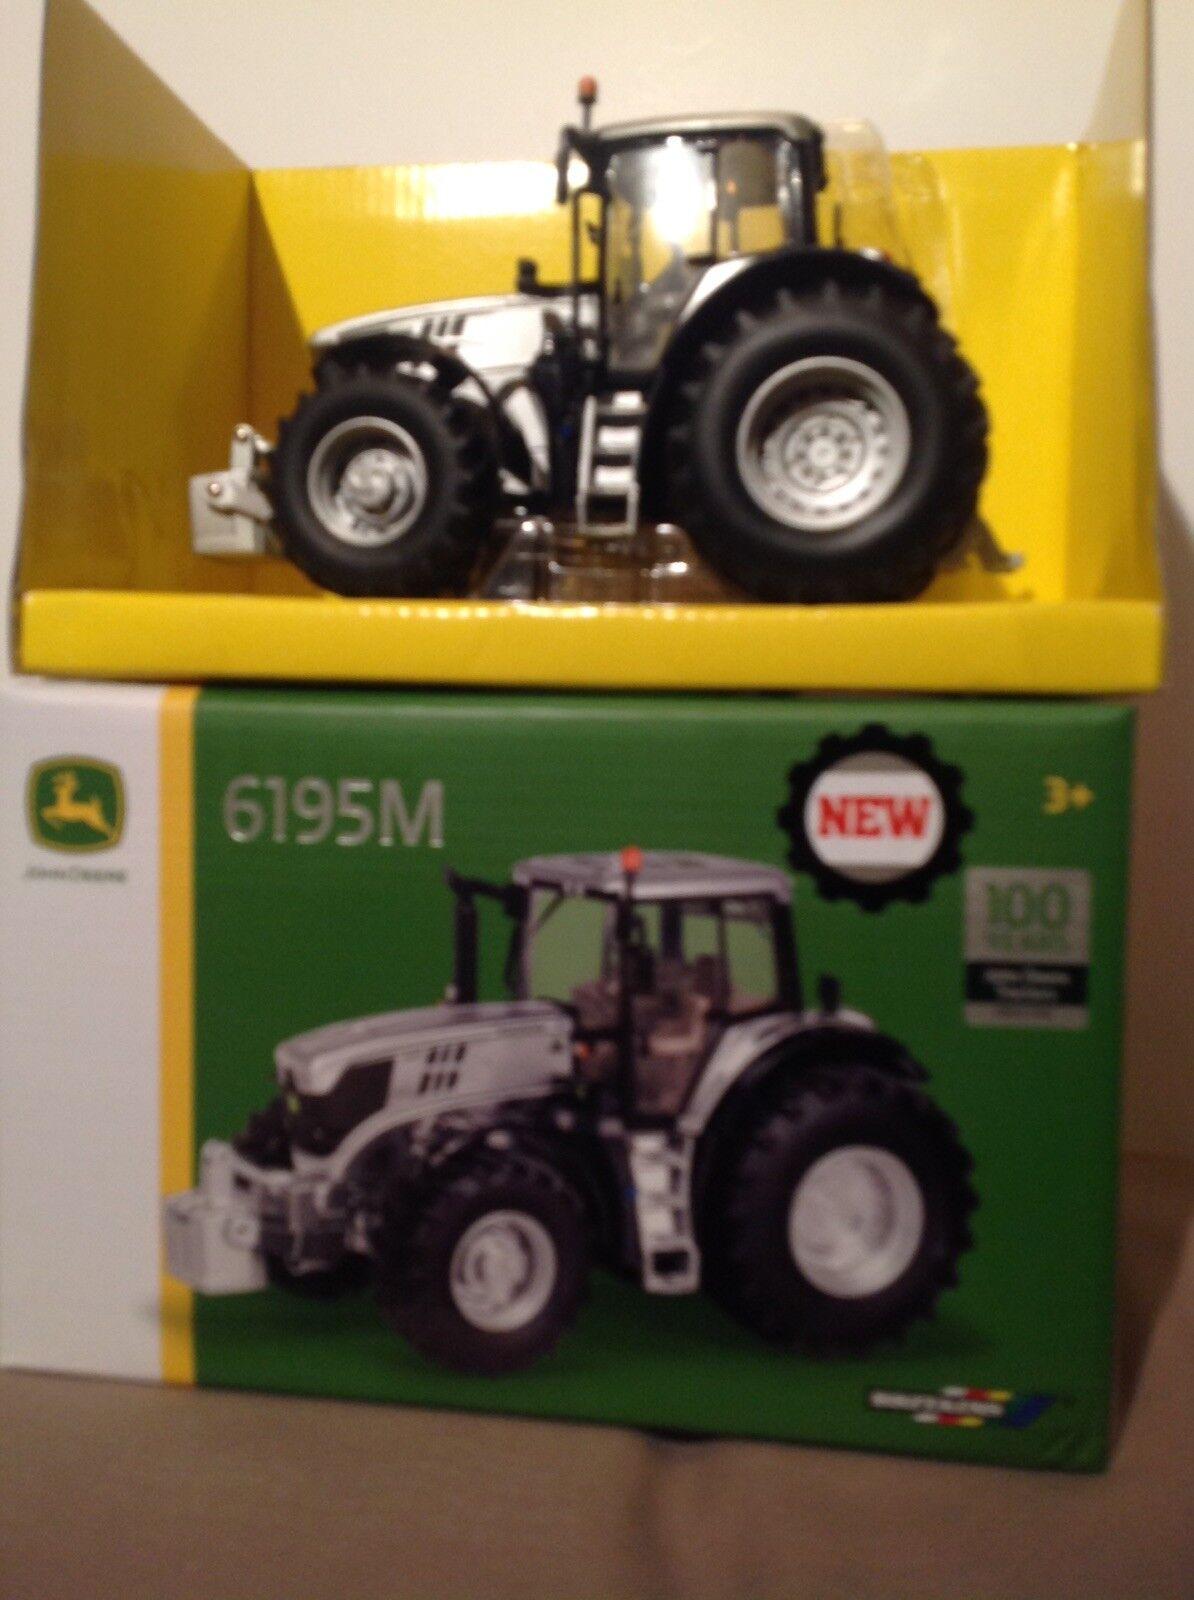 John Deere Ertl Britains 1 32 100th 100th 100th Anniversary European Edition 6195M Tractor 8666b0